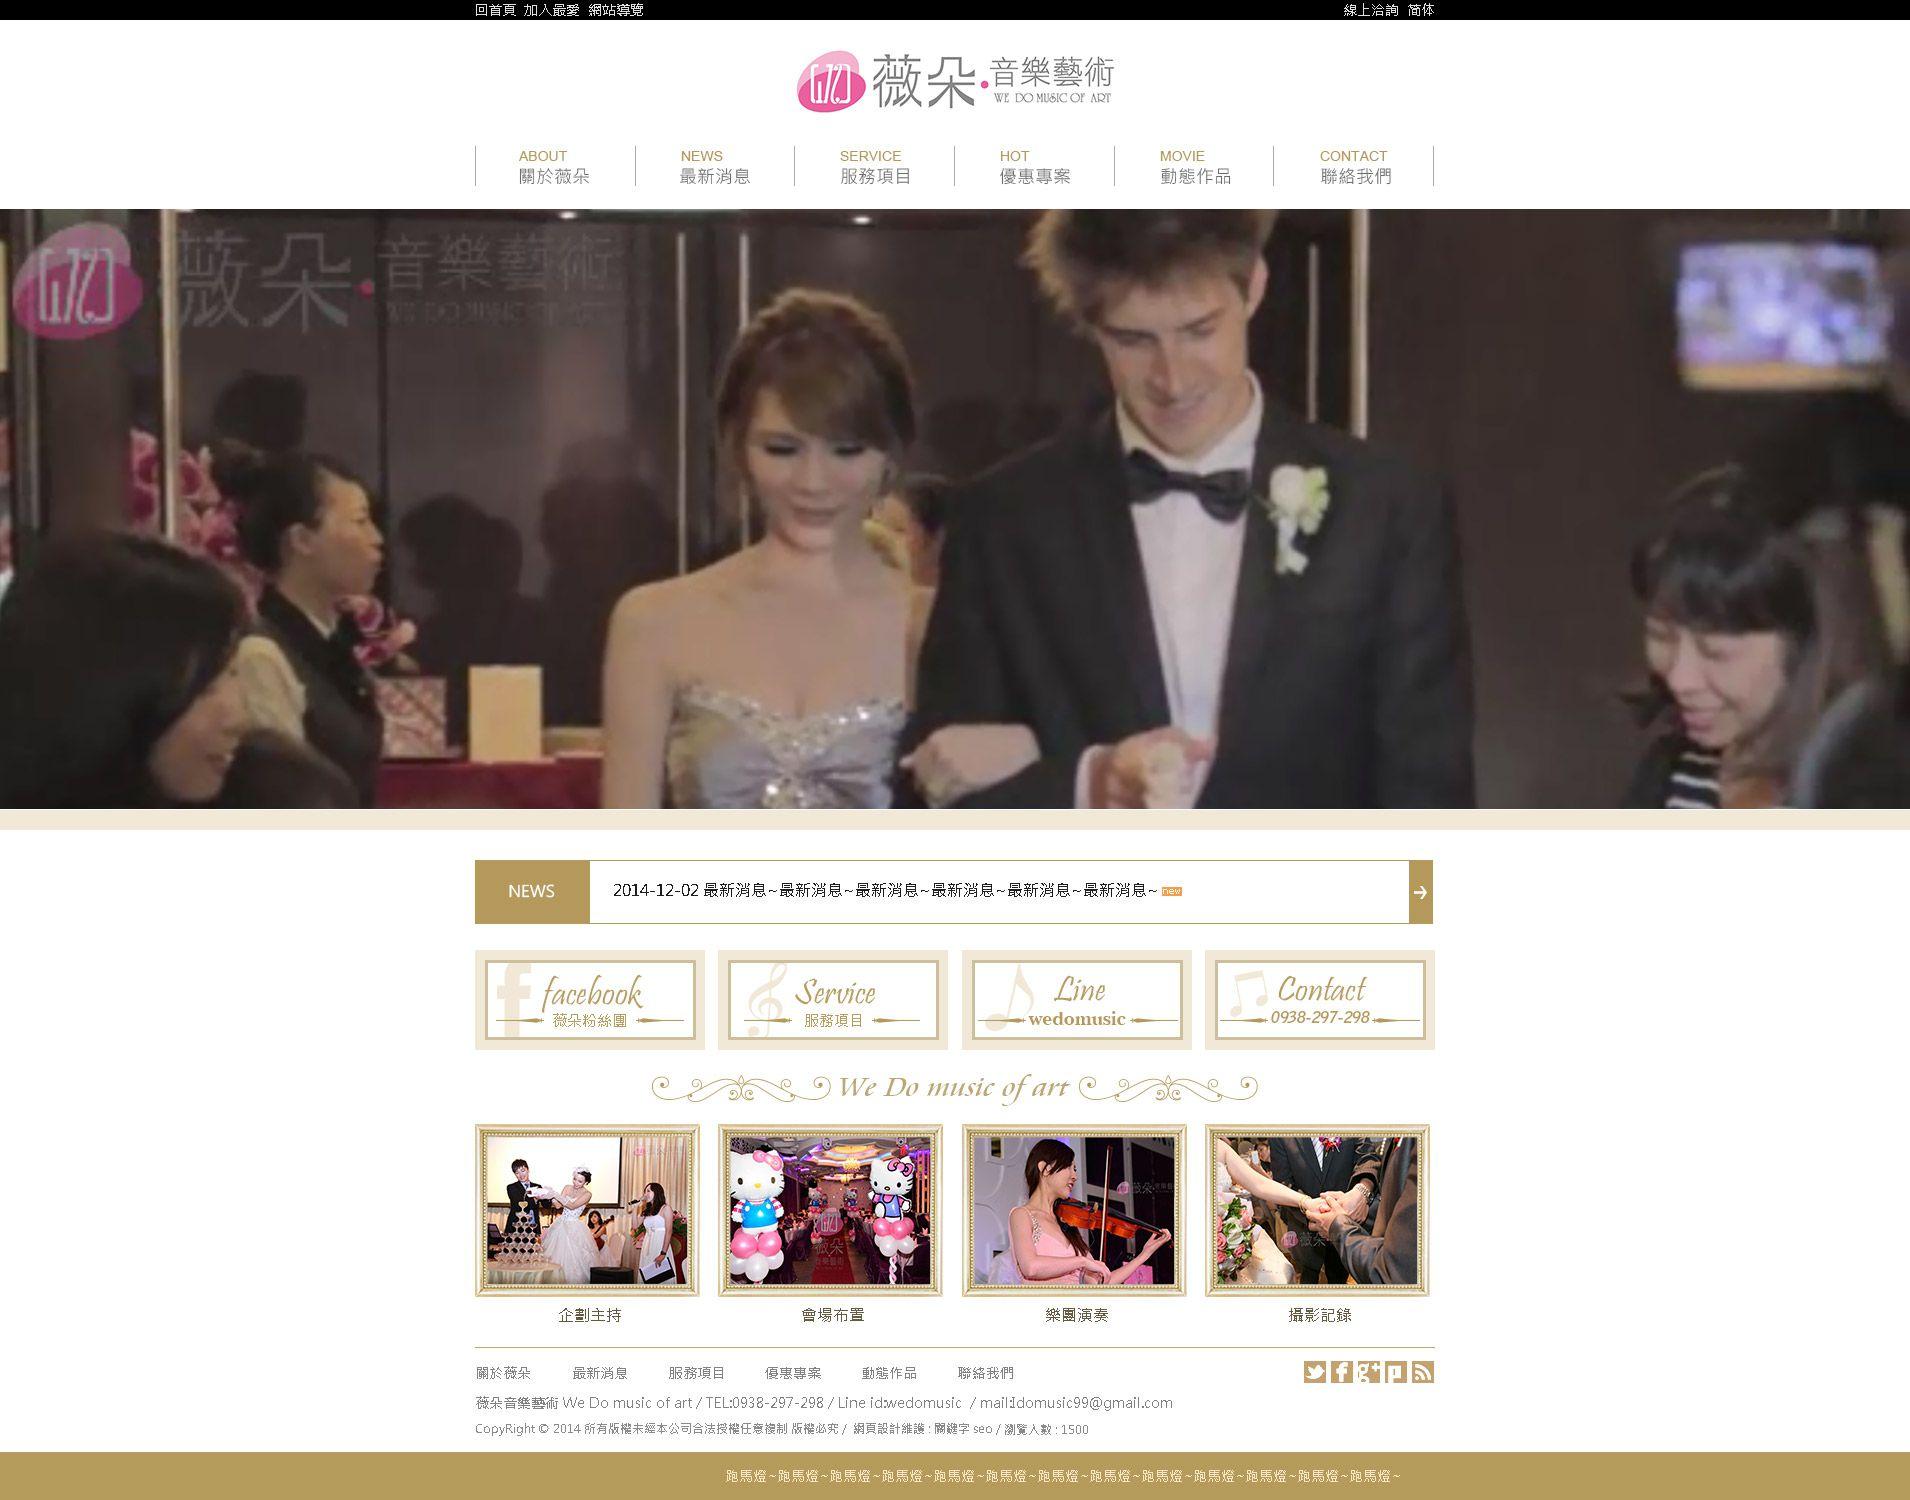 薇朵音樂藝術網頁設計-seo關鍵字排名 | 網頁設計超值特惠方案 | seo 網站優化 | 蘋果seo關鍵字-薇朵音樂藝術網頁設計